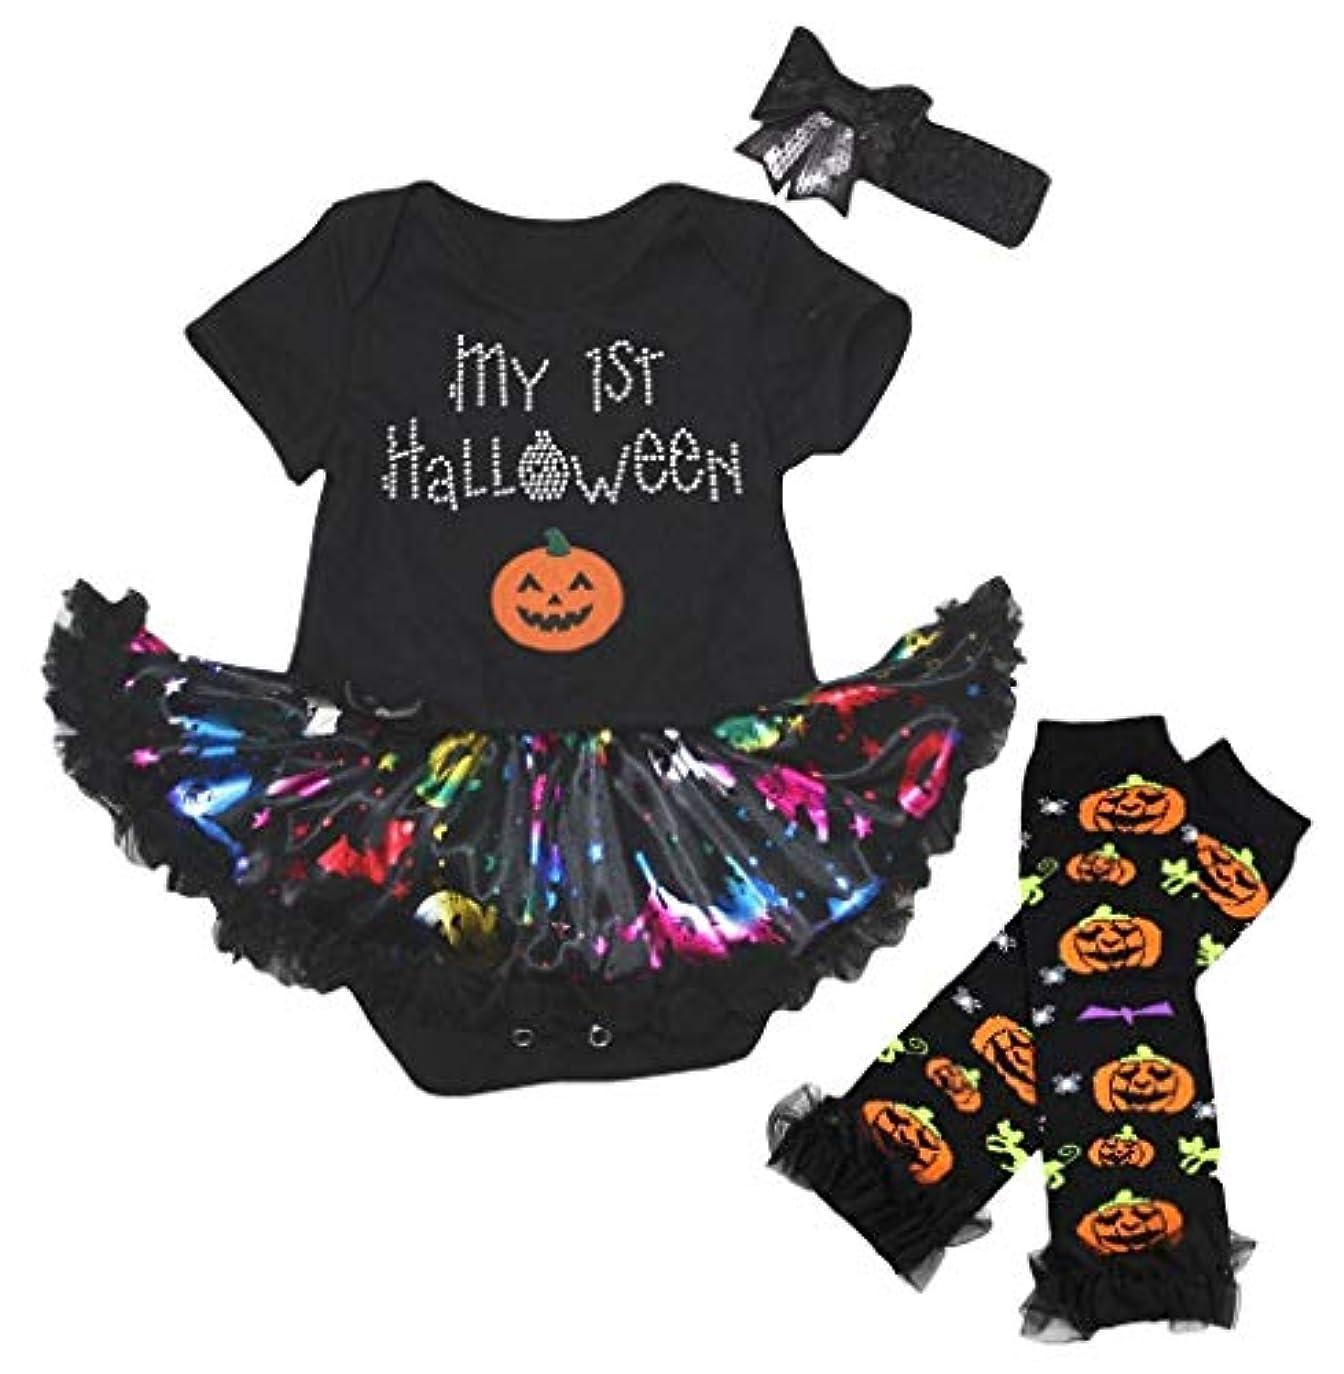 誇り有望解き明かす[キッズコーナー] ハロウィン My 1st Halloween パンプキン 子供コスチューム、子供のチュチュ、ベビー服、女の子のワンピースドレス Nb-18m (ブラック, Small) [並行輸入品]